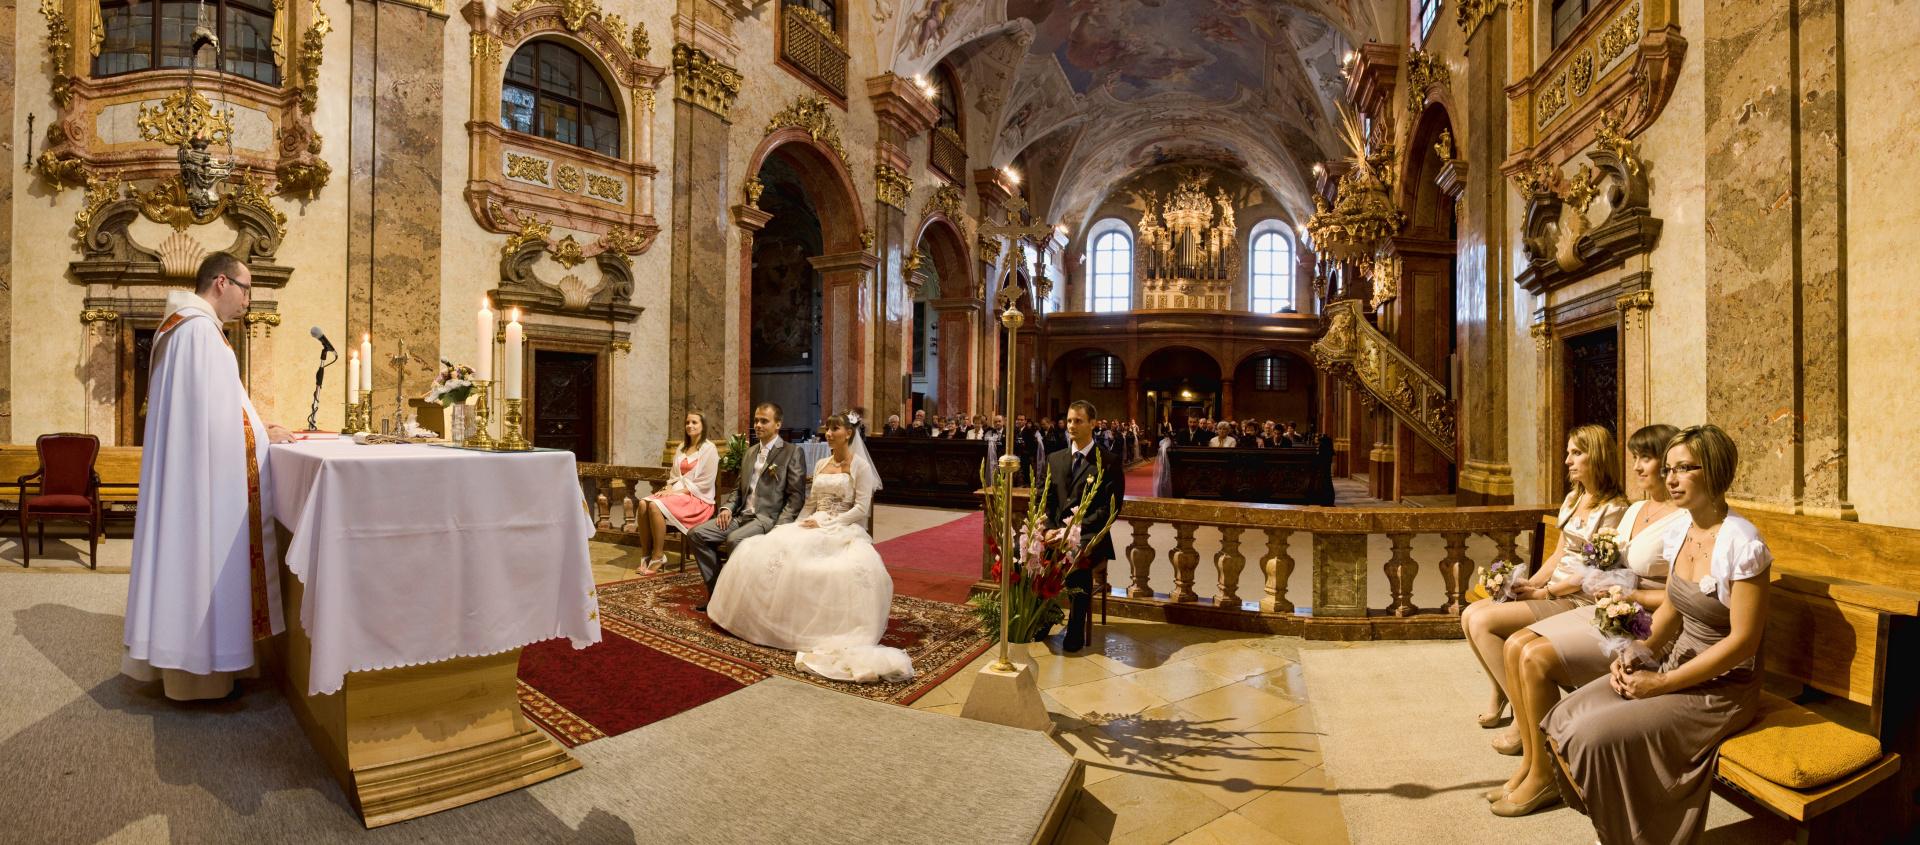 029-hochzeitsfotograf-wien-weddingphotography-vienna